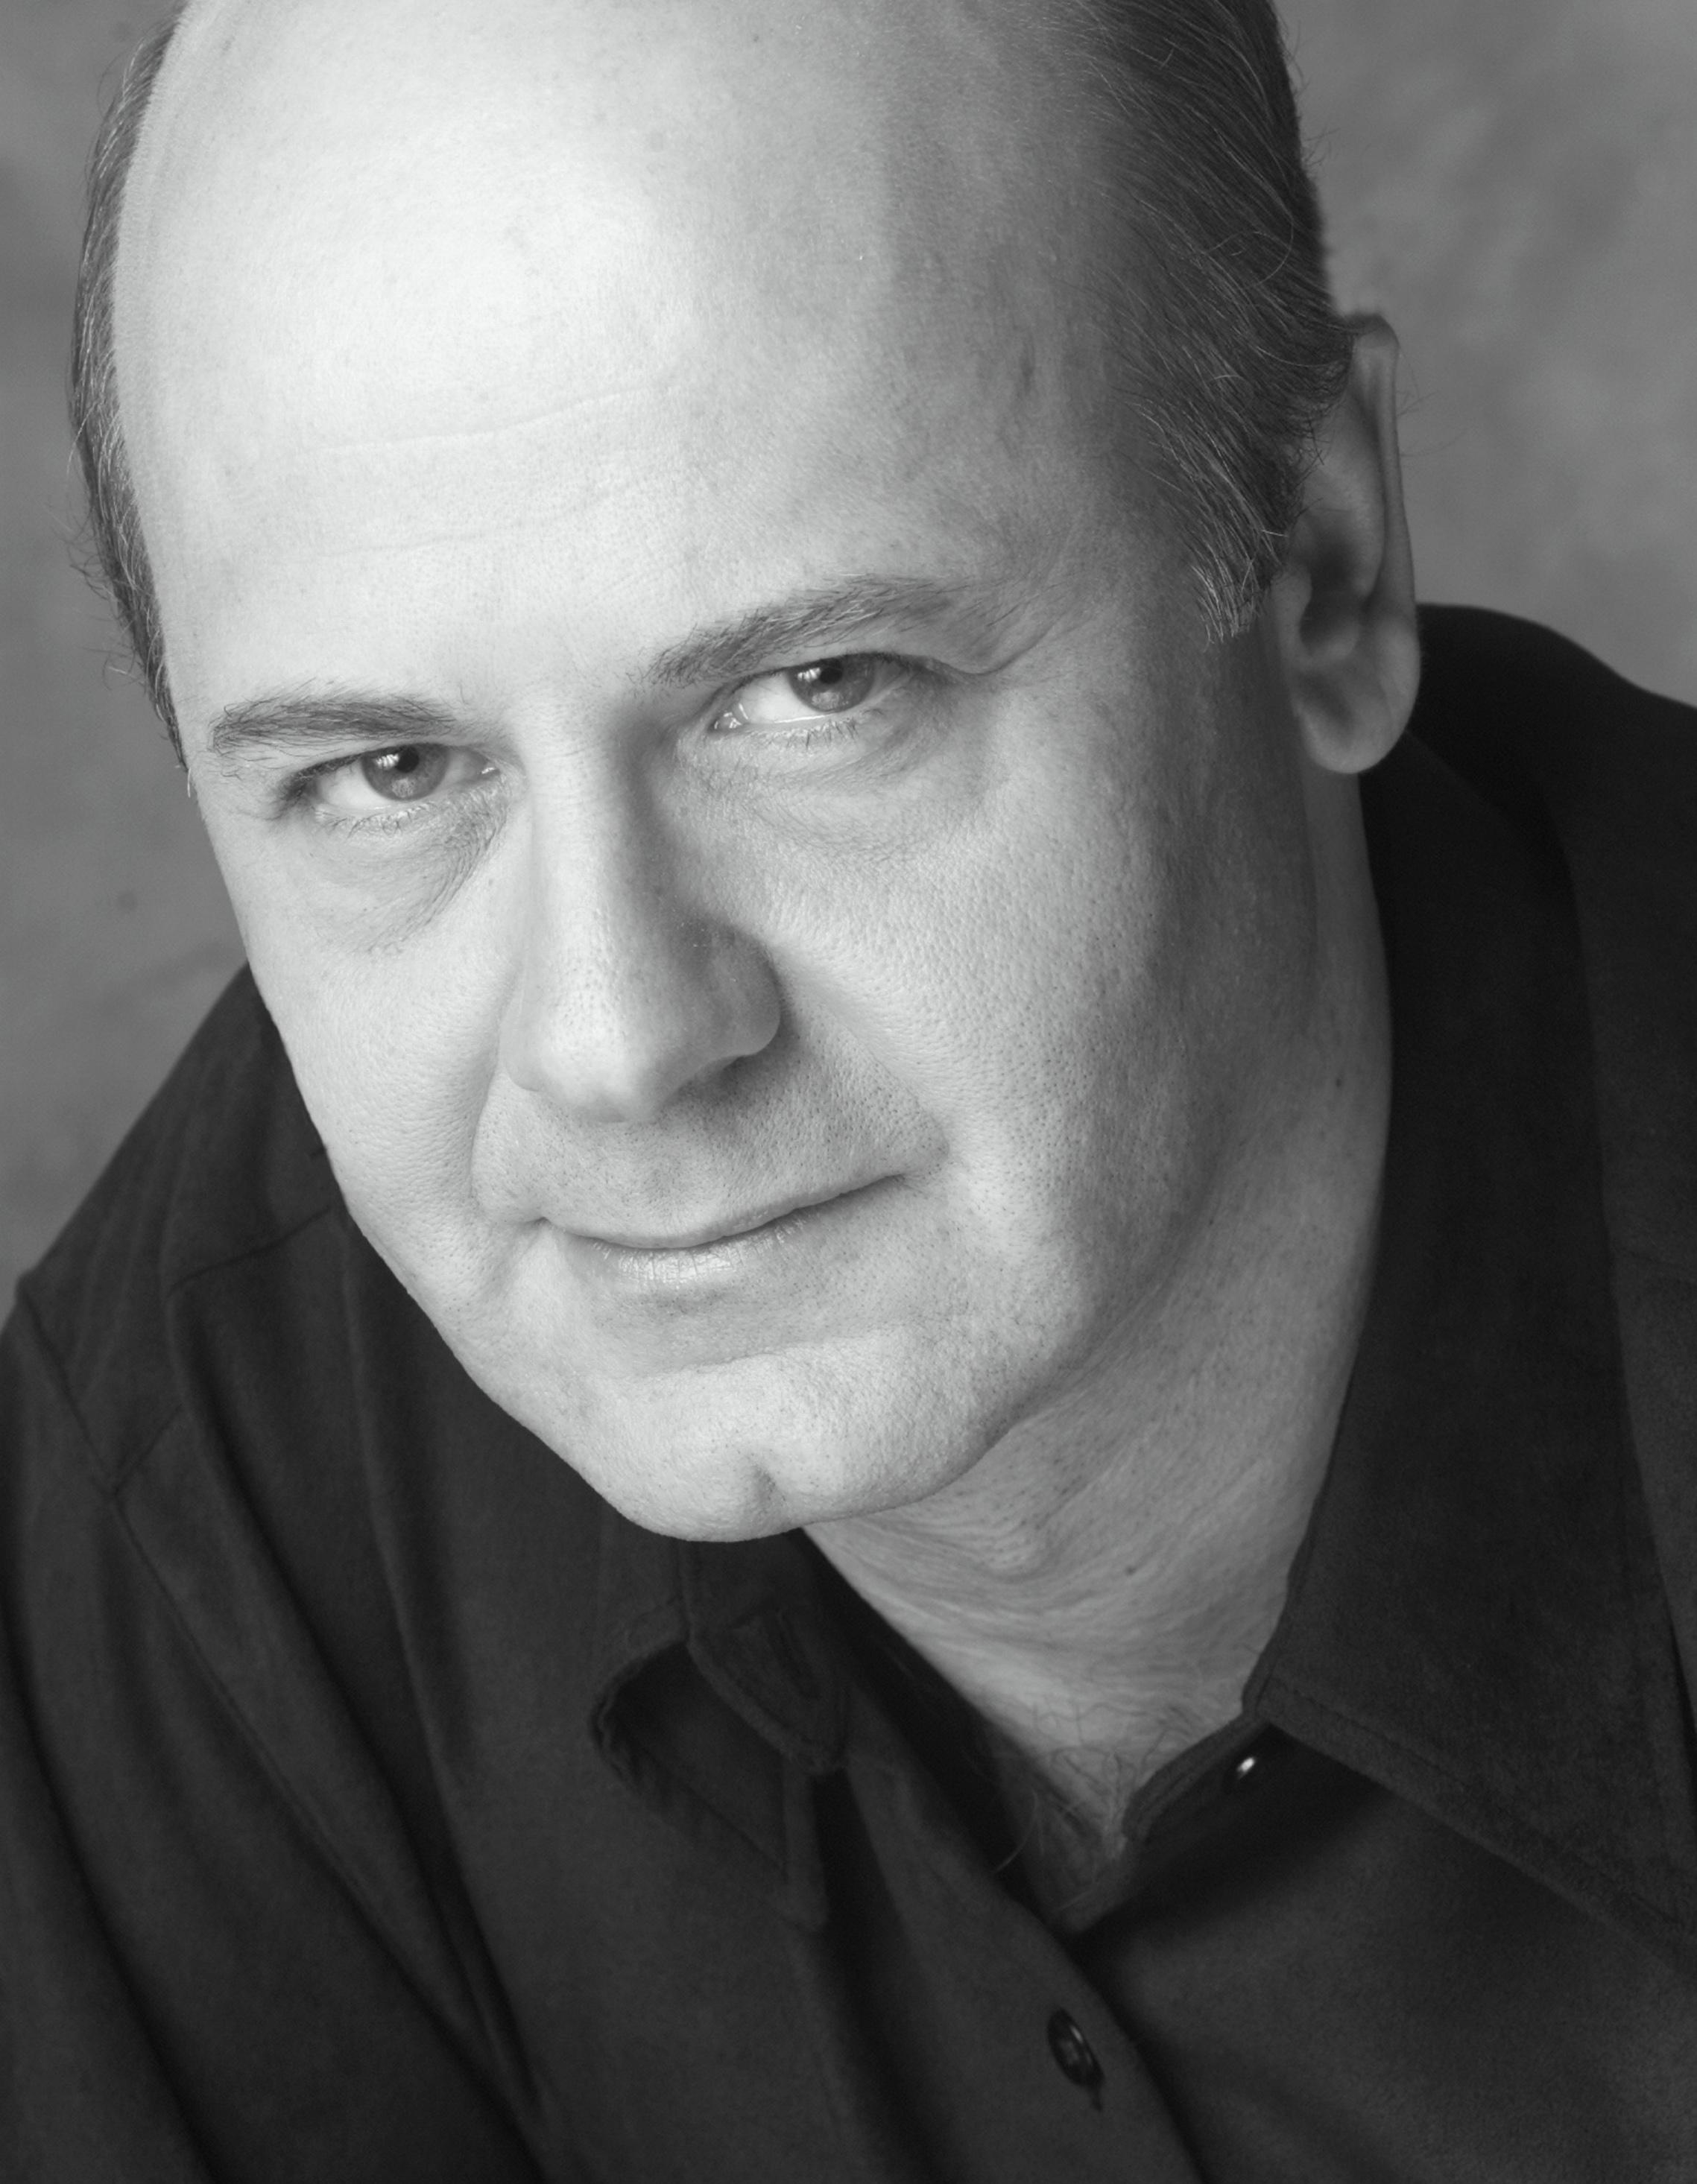 Allen Fitzpatrick